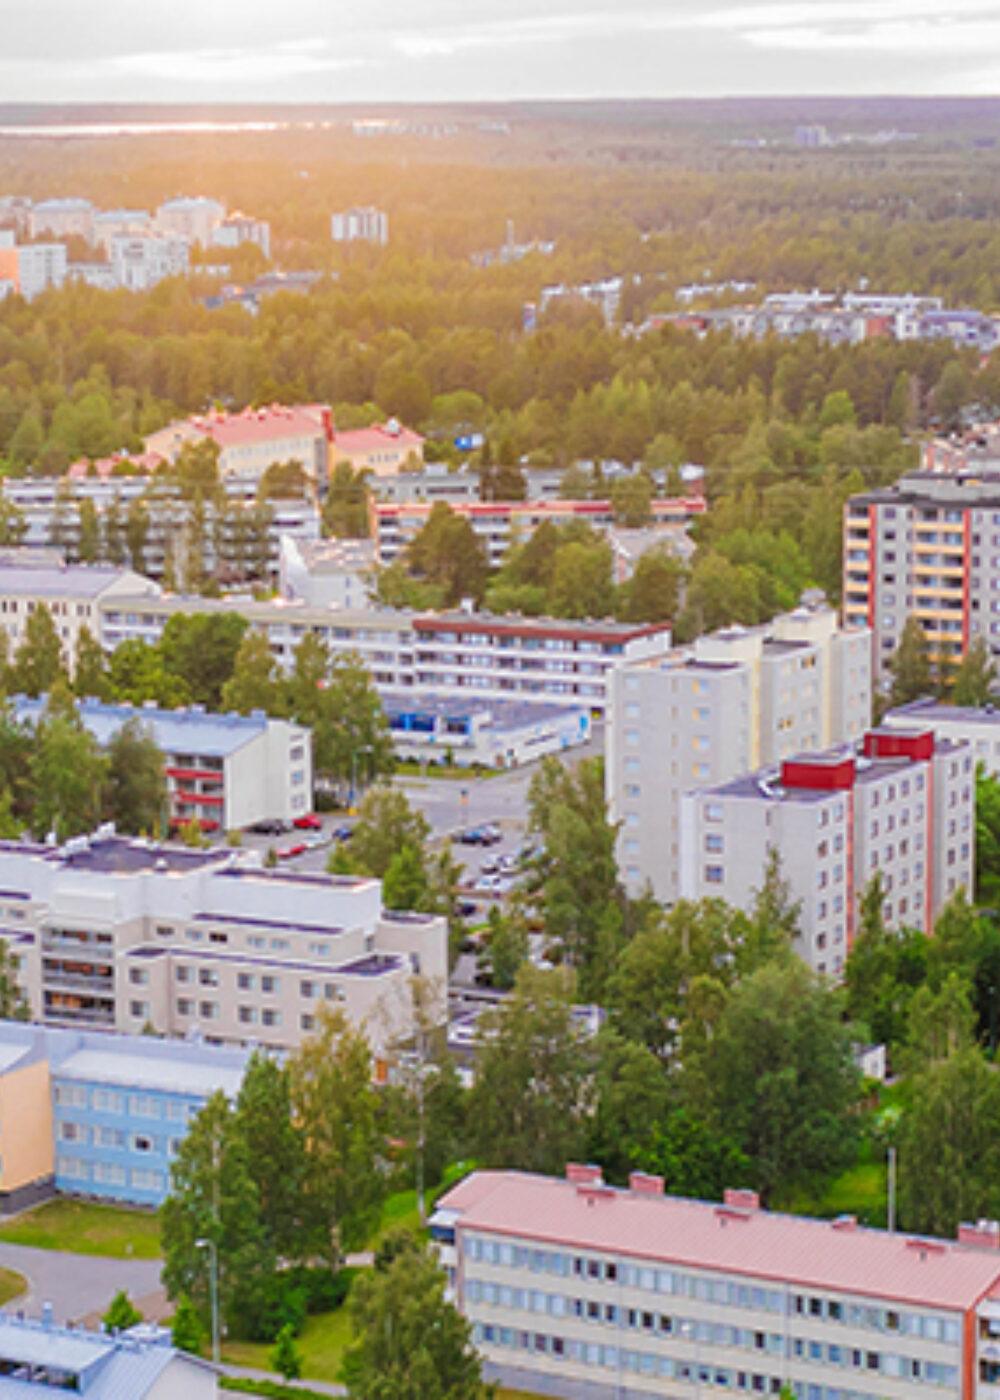 Green Motion Car Rental Finland Oulu Railway Station 1440x400